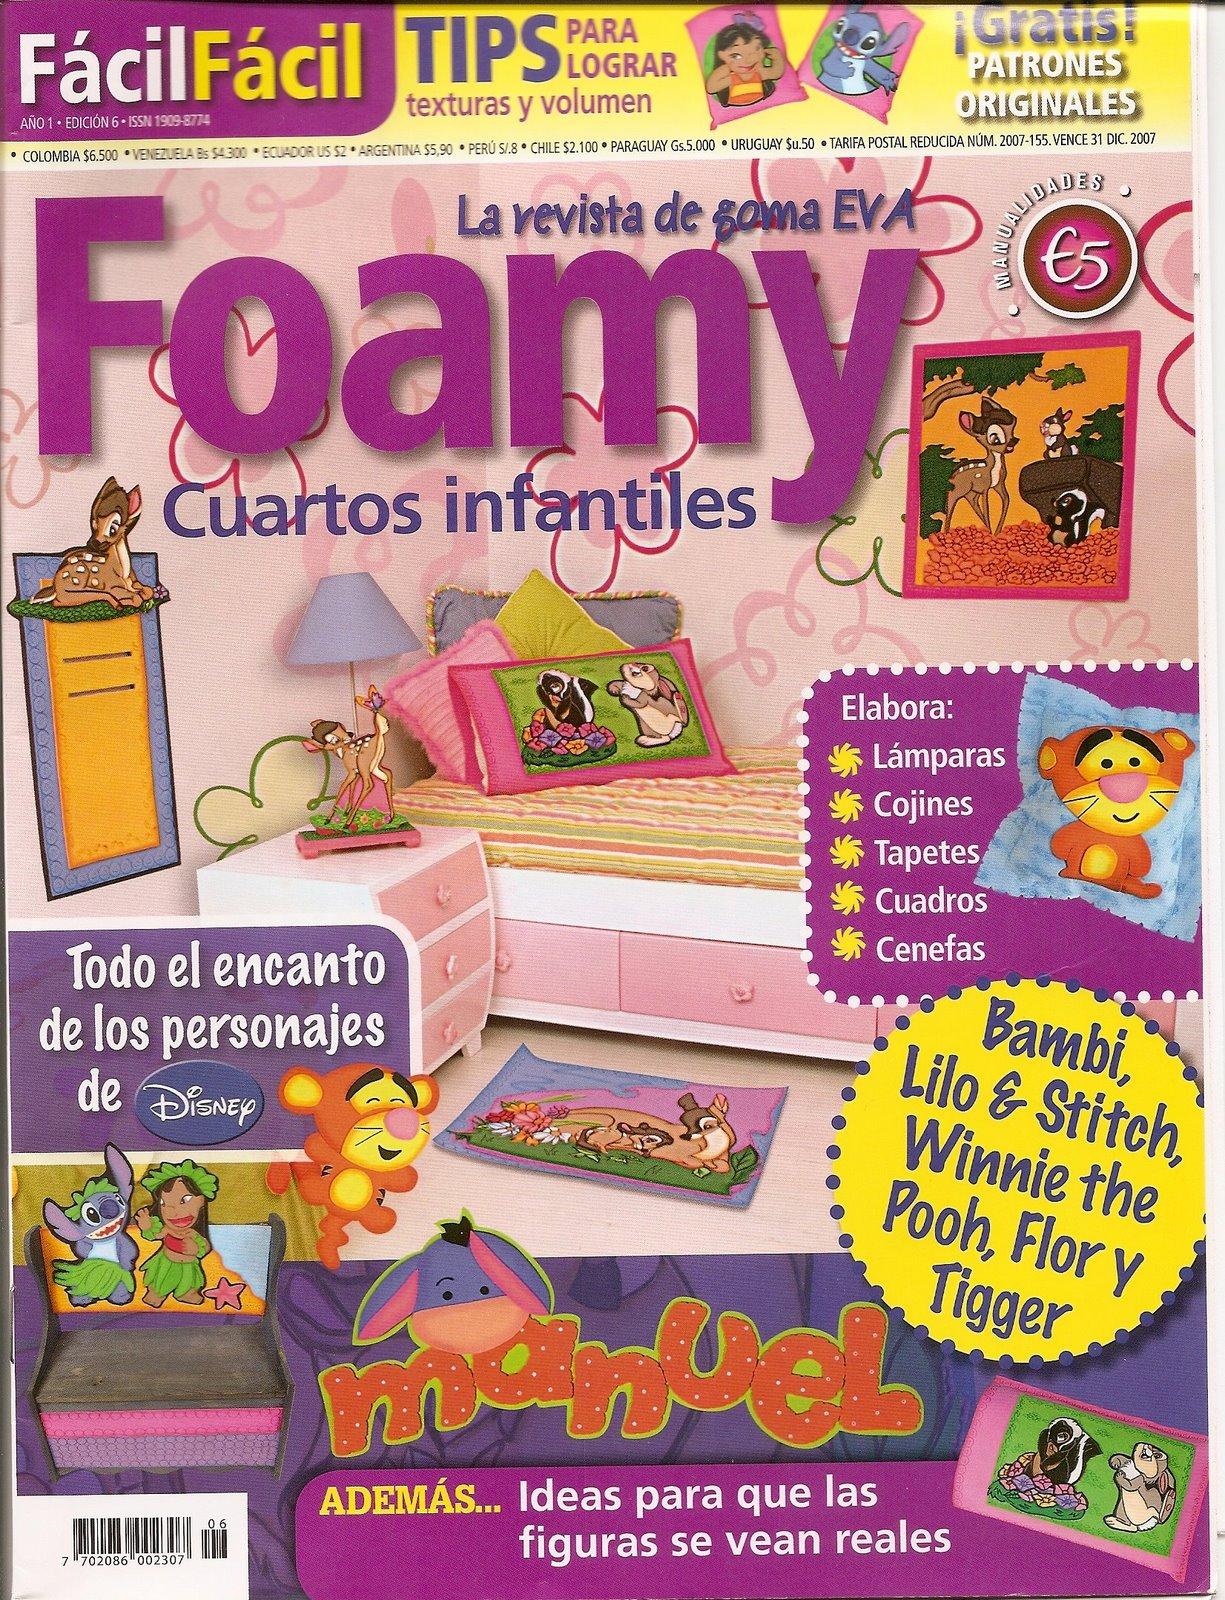 Revistas de decoracion gratis para descargar cool casa for Revistas de decoracion gratis